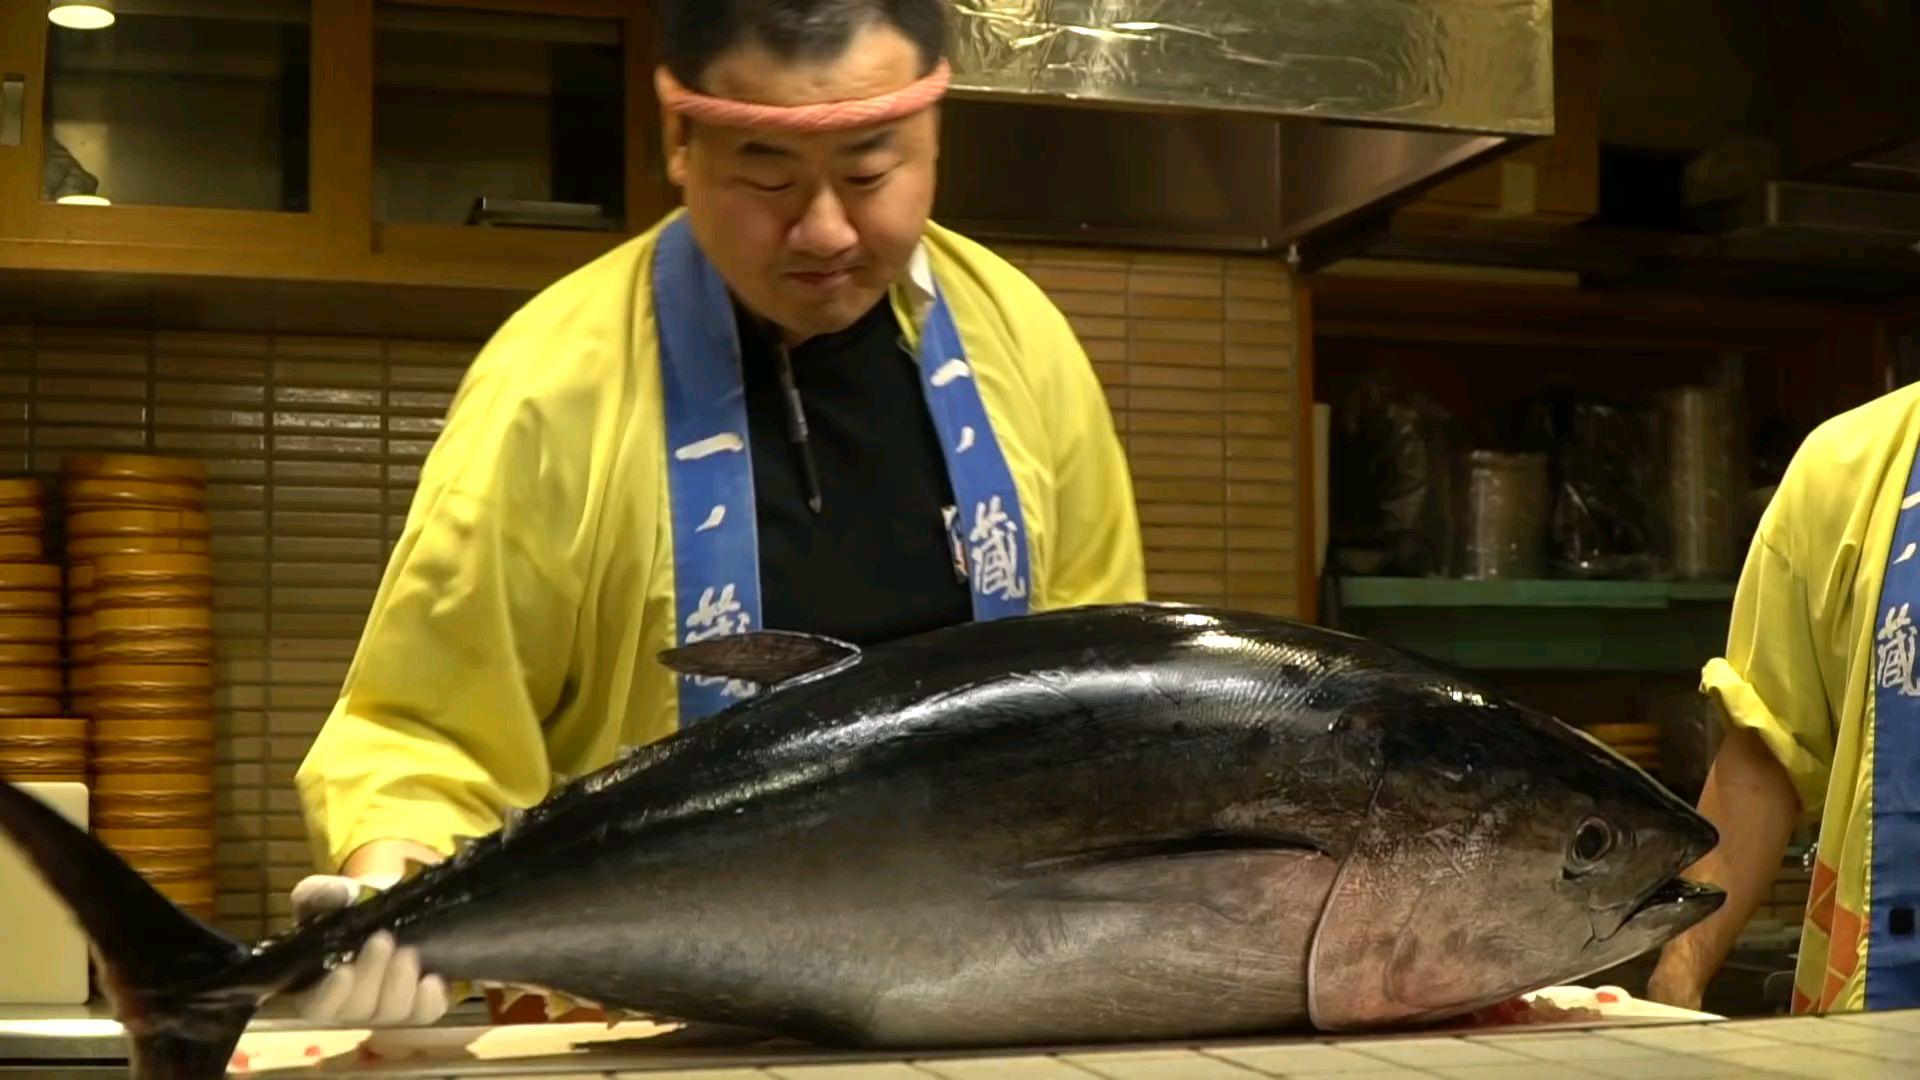 日本街头美食-日本东京的巨型蓝鳍金枪鱼炸鱼生鱼片